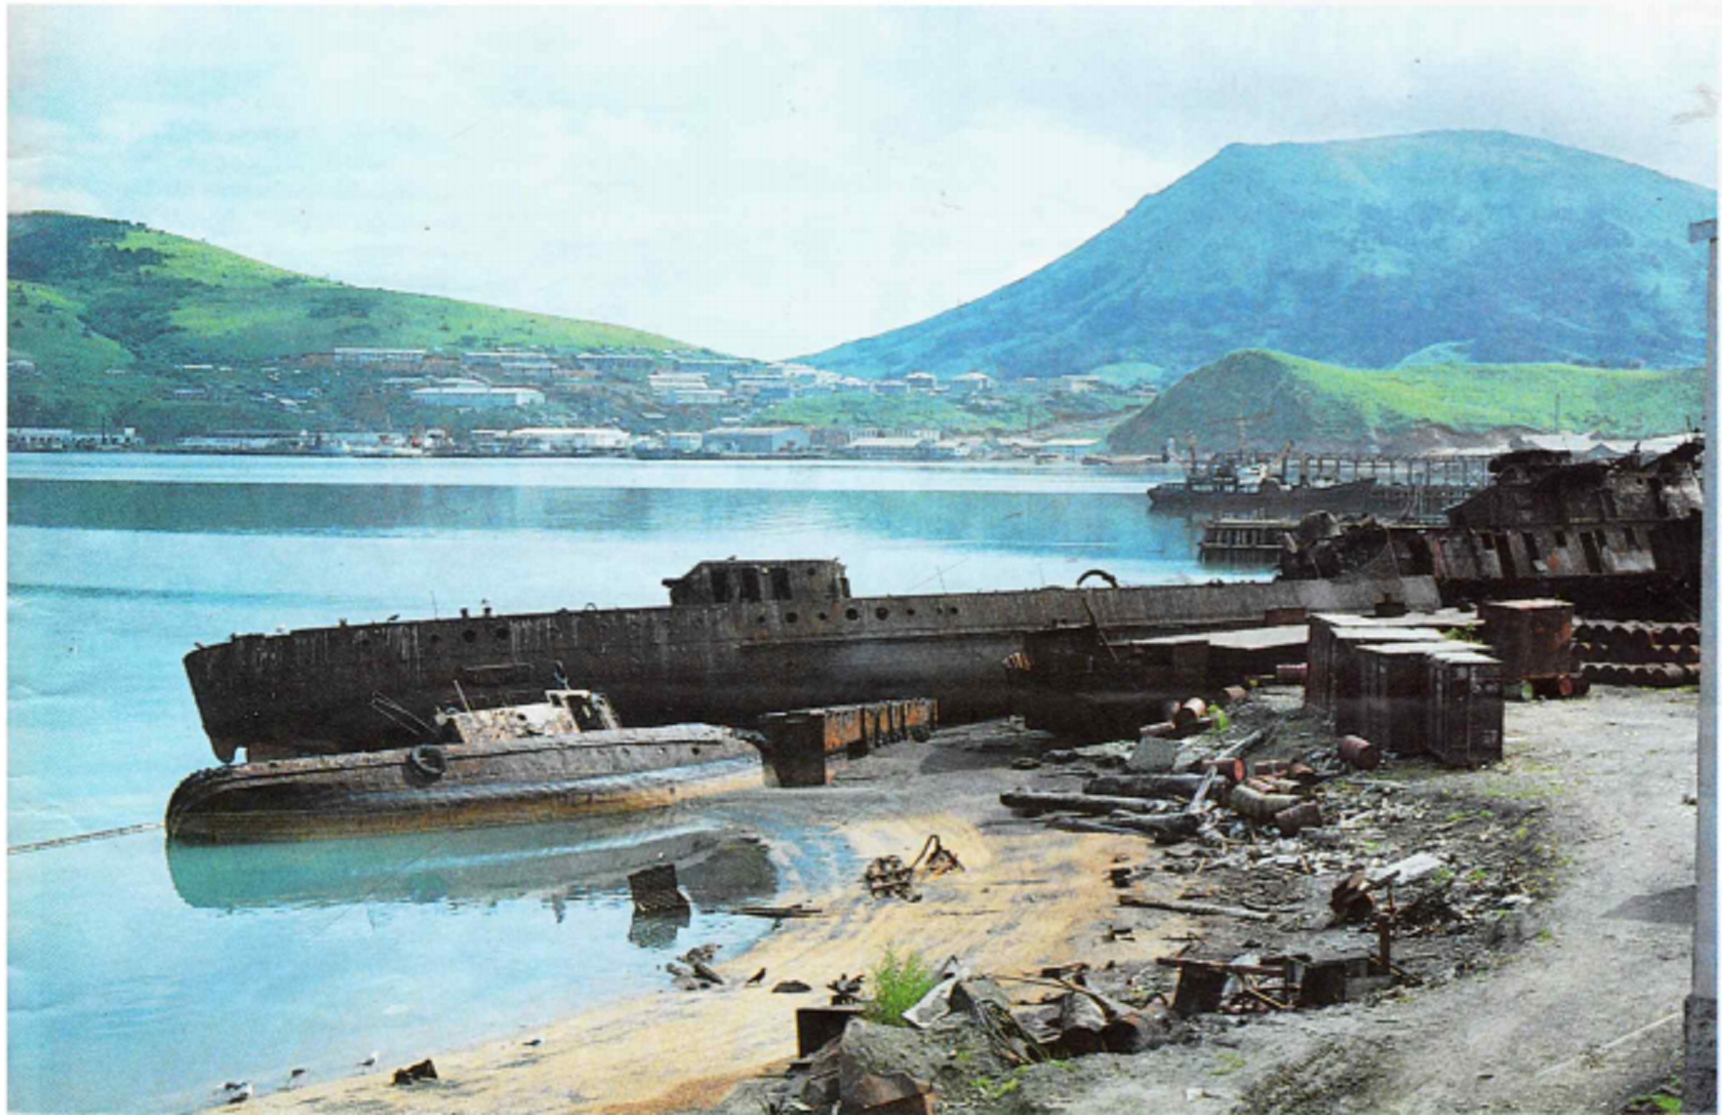 Остров Шикотан, бухта Малокурильская, с. Малокурильское. Большое судно выброшенное на берег - военный корабль Дзержинский.